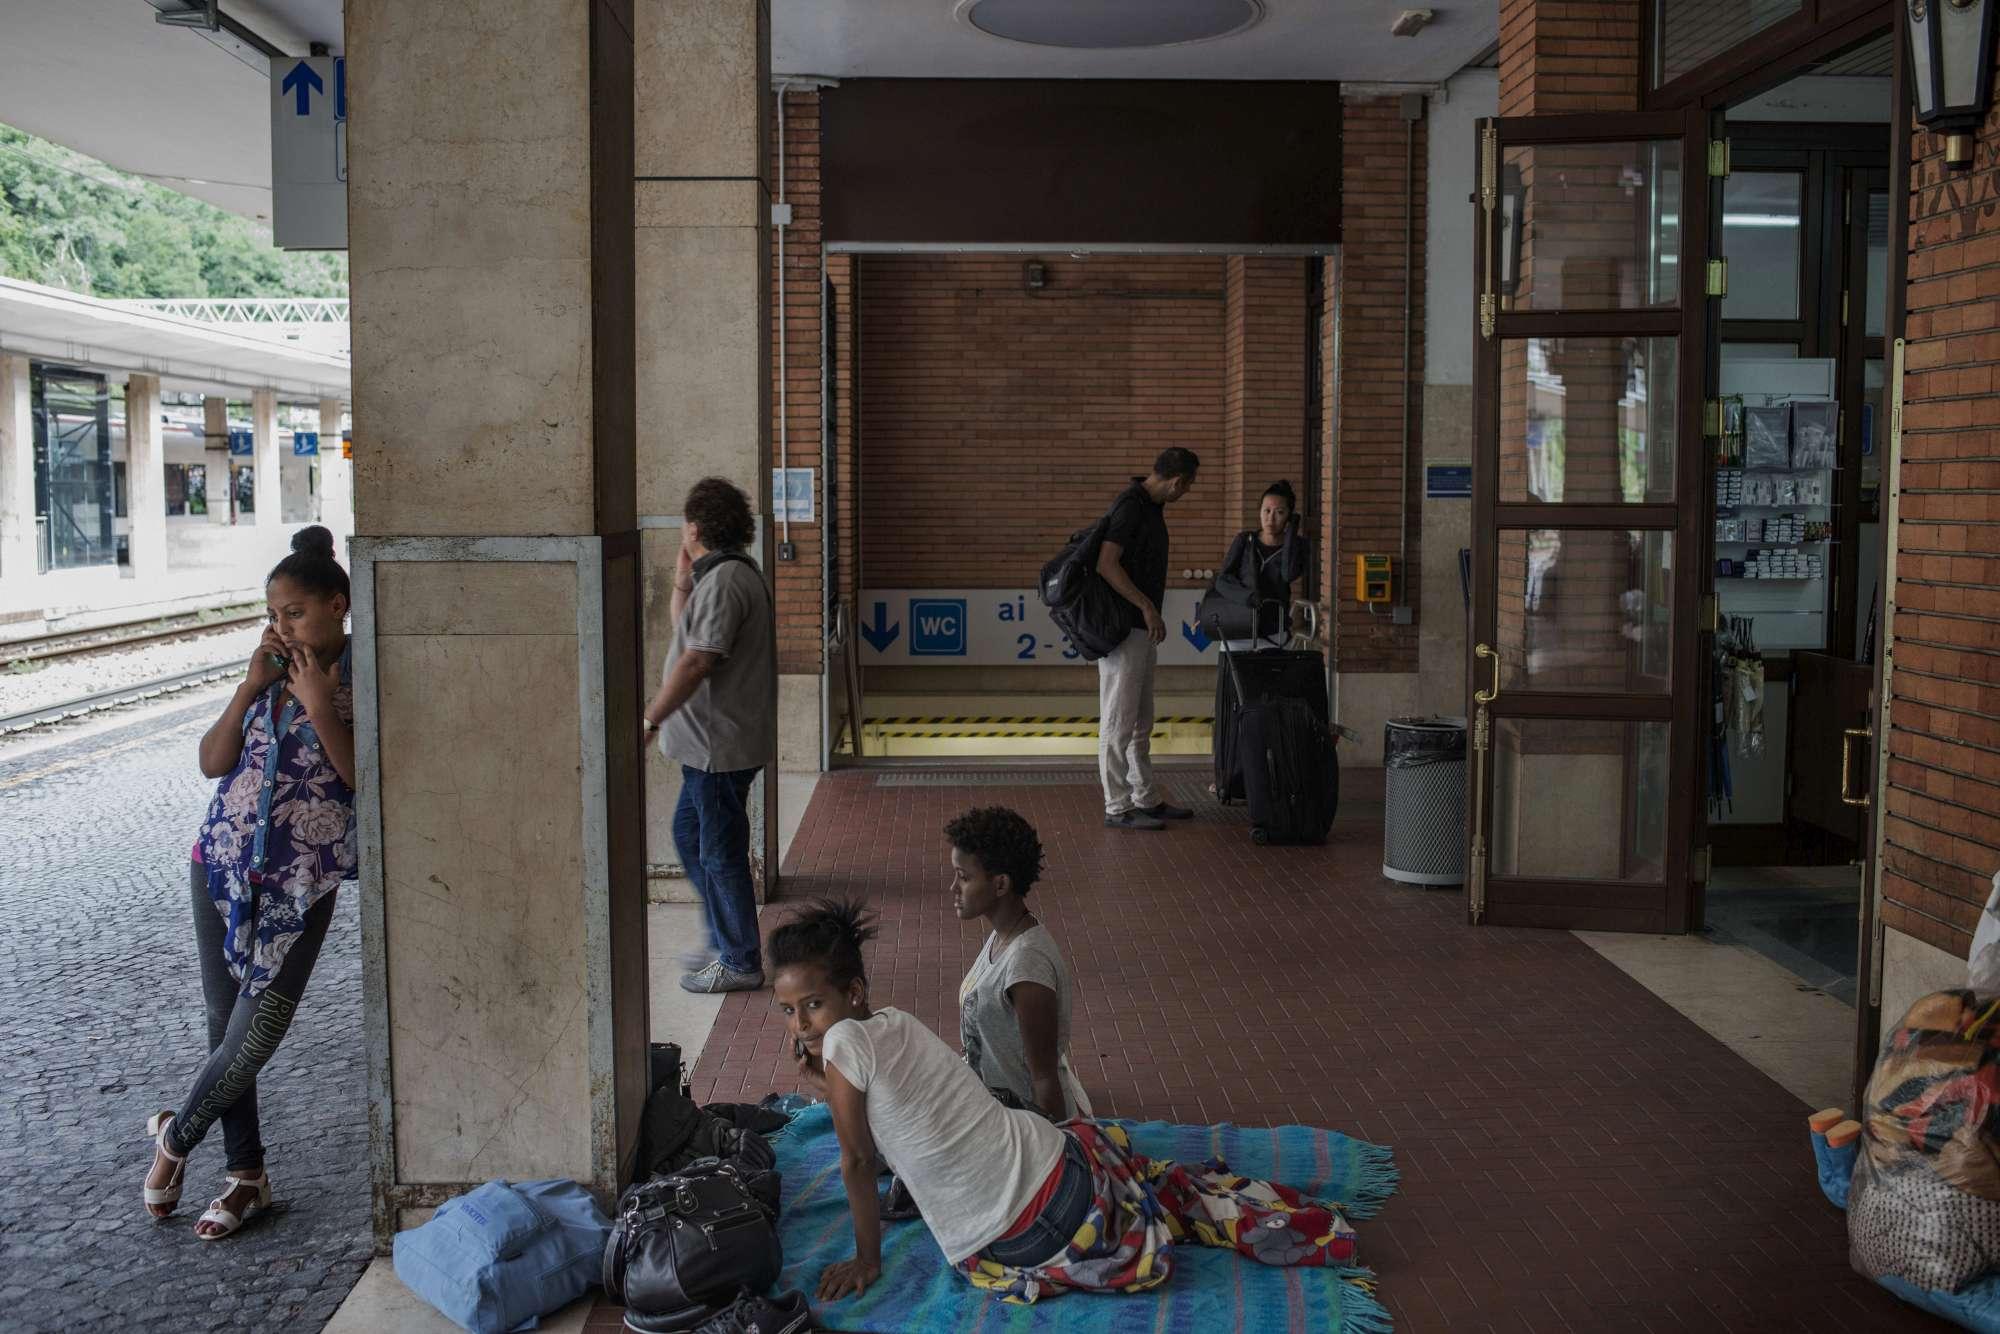 Migranti a Como, trovata area per accoglienza